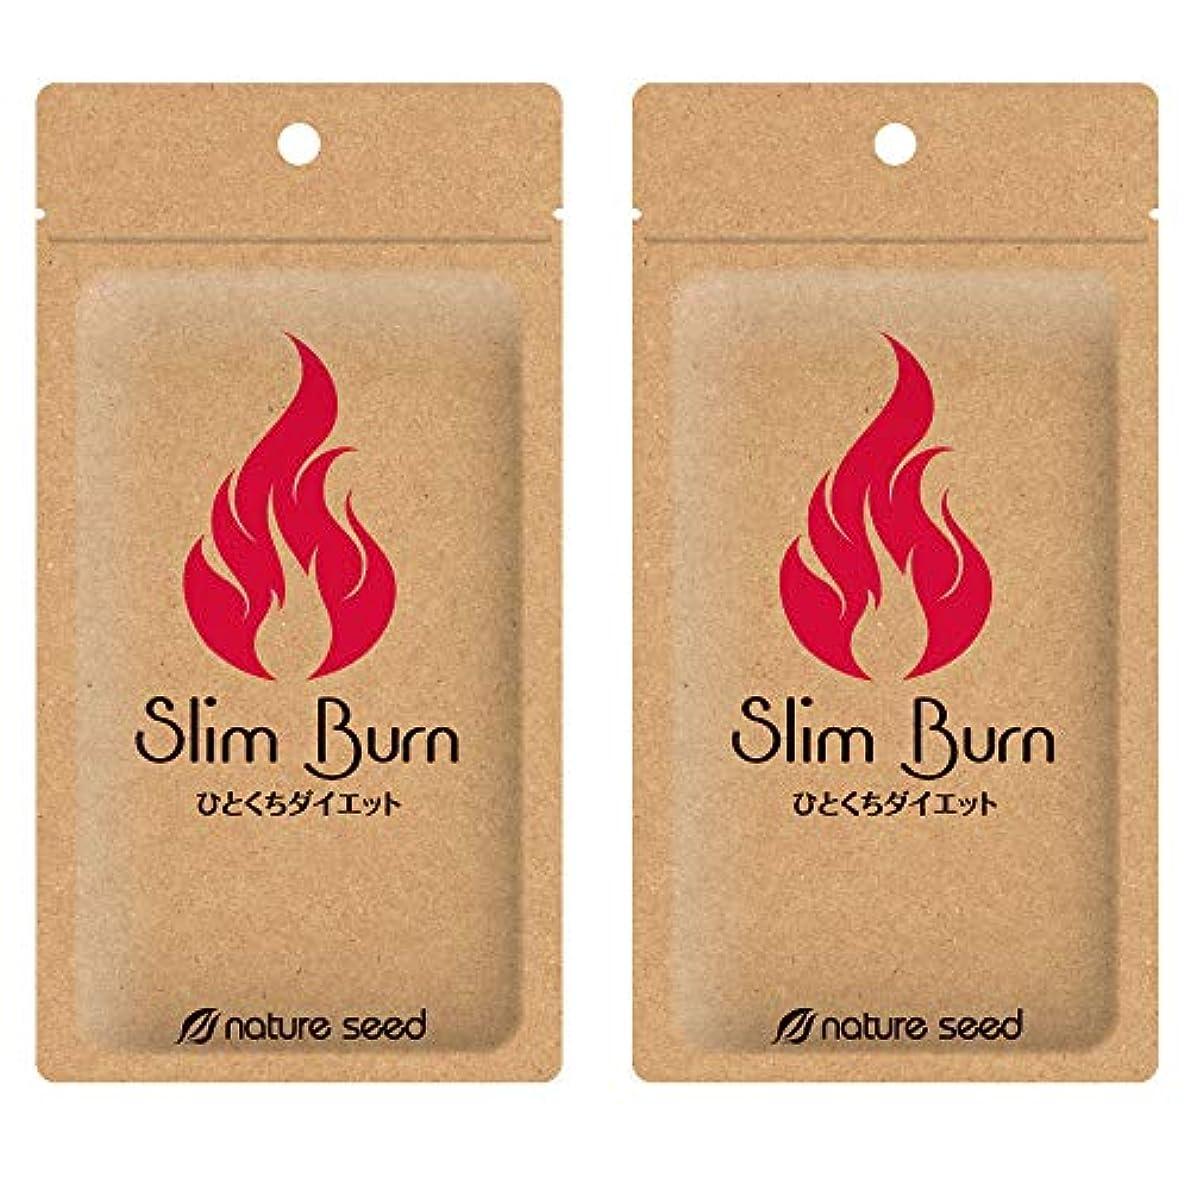 [燃焼サプリ]ダイエット 脂肪燃焼 くびれメイクをサポート サプリメント スリムバーン 2袋(約60日分)